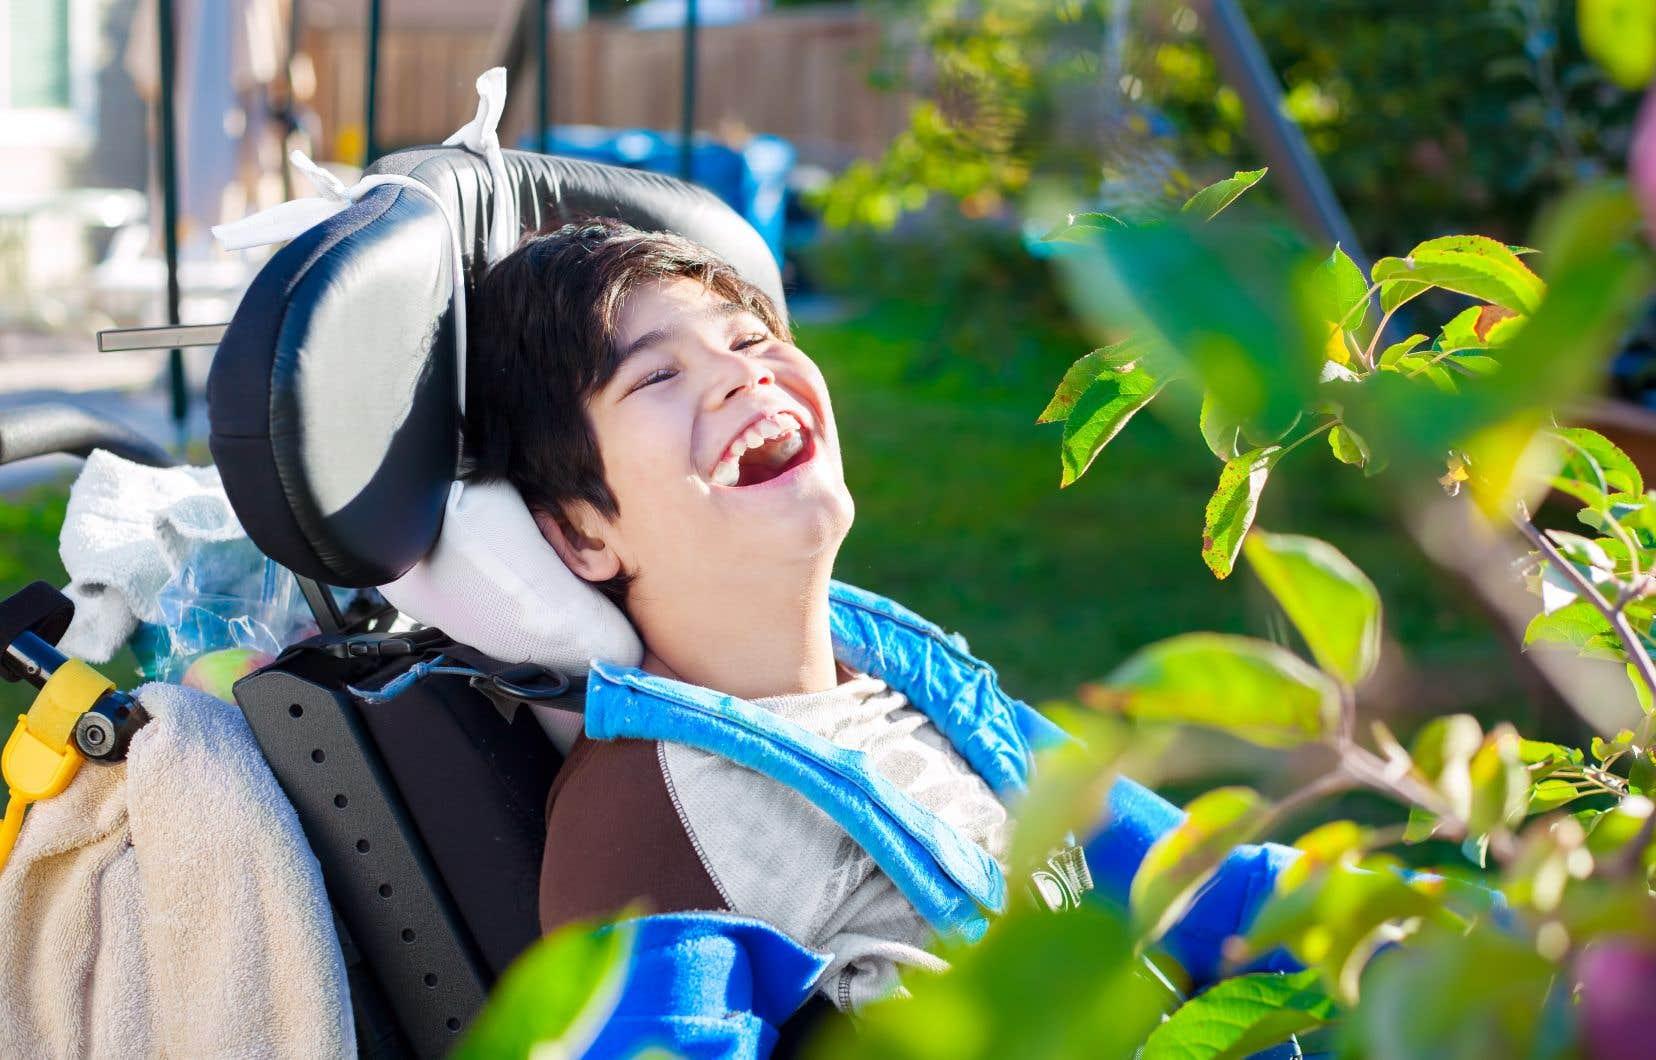 Le parent qui assume lui-même la garde et les soins de son enfant handicapé a droit à 25632$ par année à titre de soutien étatique (en moyenne), alorsque la famille d'accueil à qui on en confiera la charge en lieu et place obtiendra 44254$ (en moyenne).